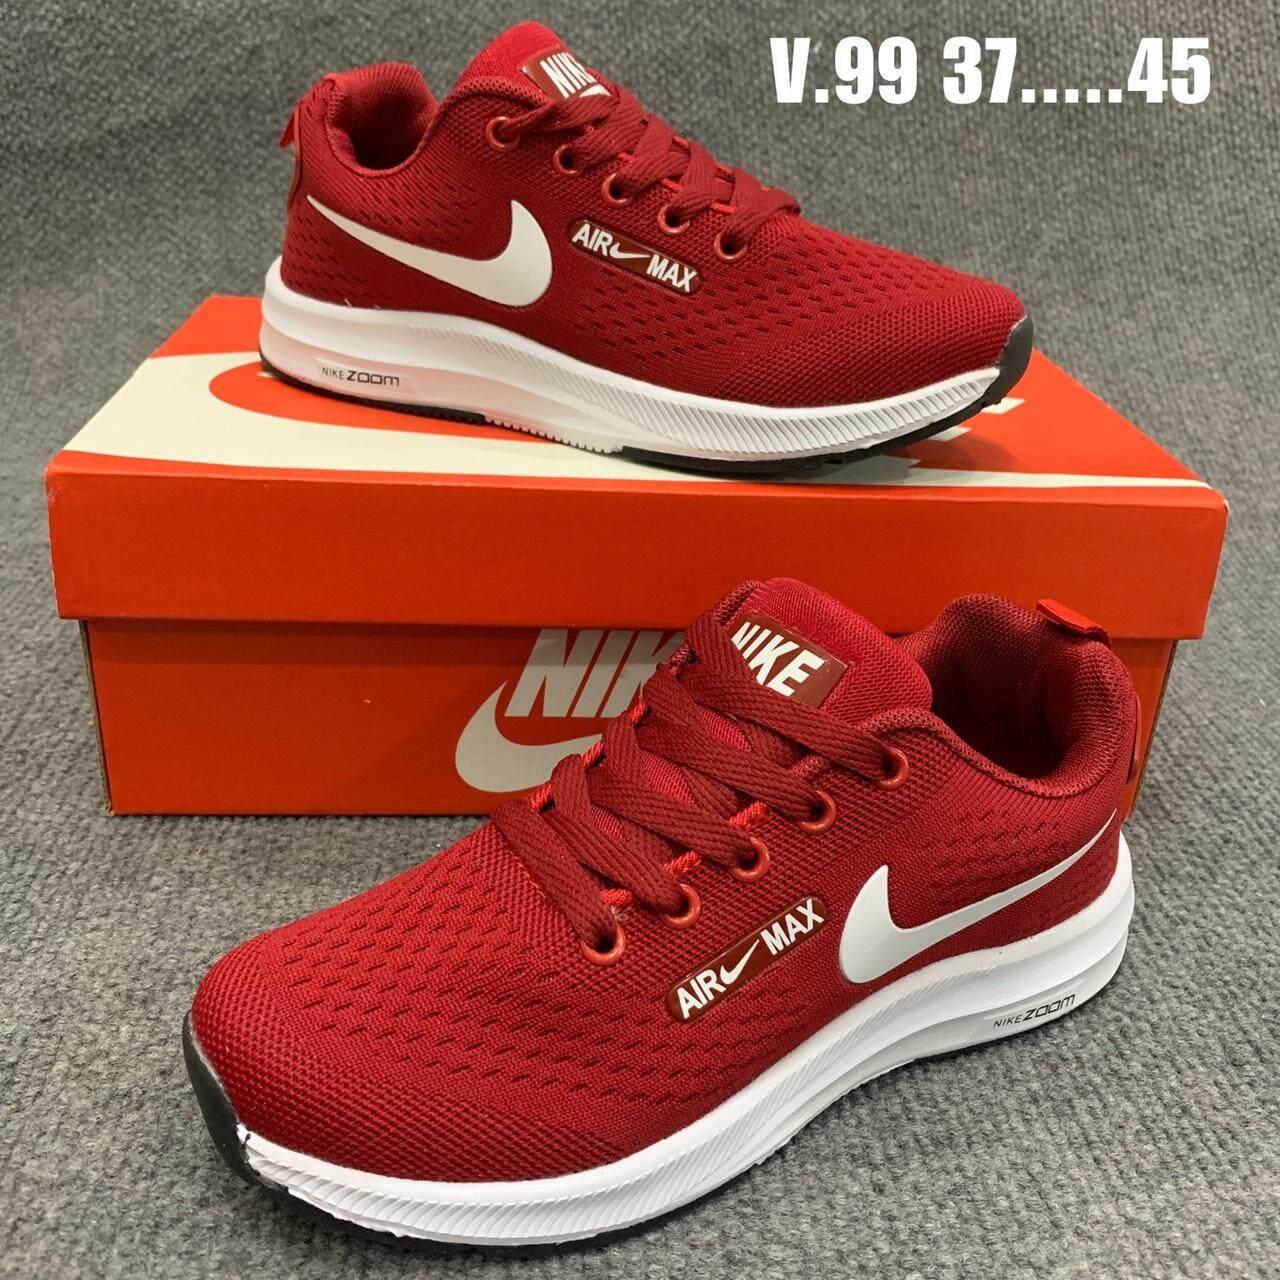 Nike รองเท้าผ้าใบ ใส่ได้ทั้งผู้ชายและผู้หญิง By Tp Shoes.